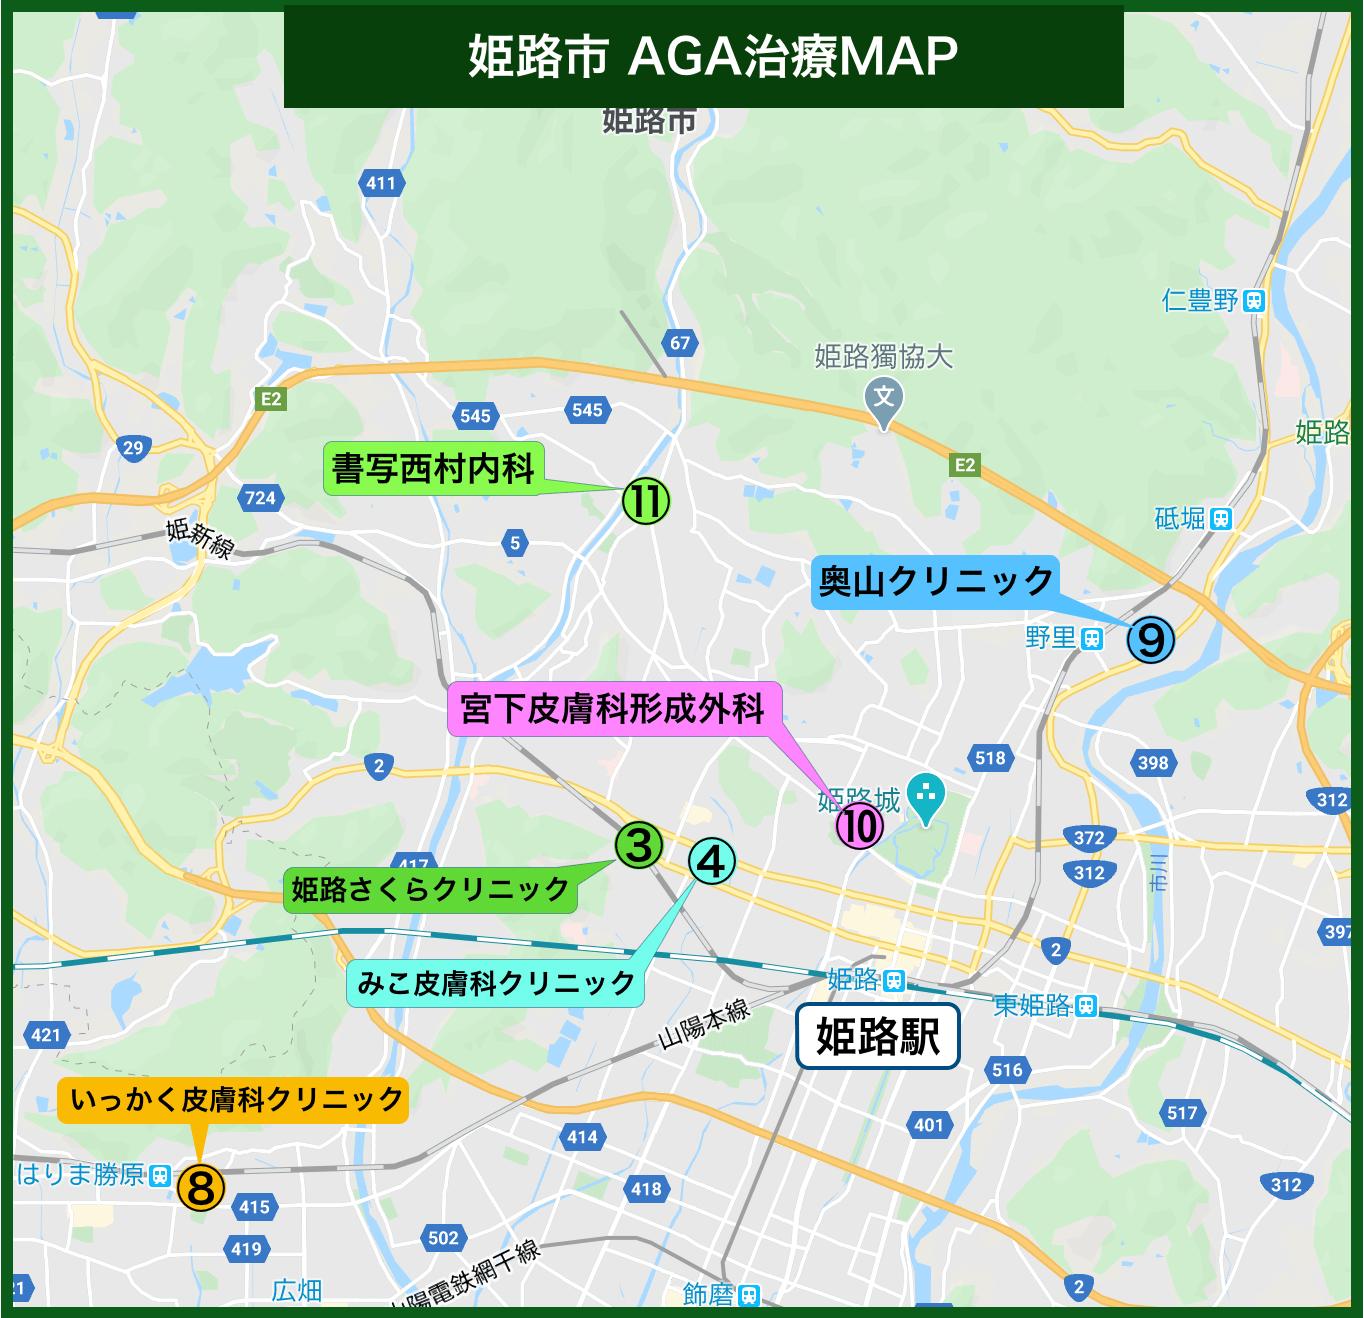 姫路市 AGA治療MAP